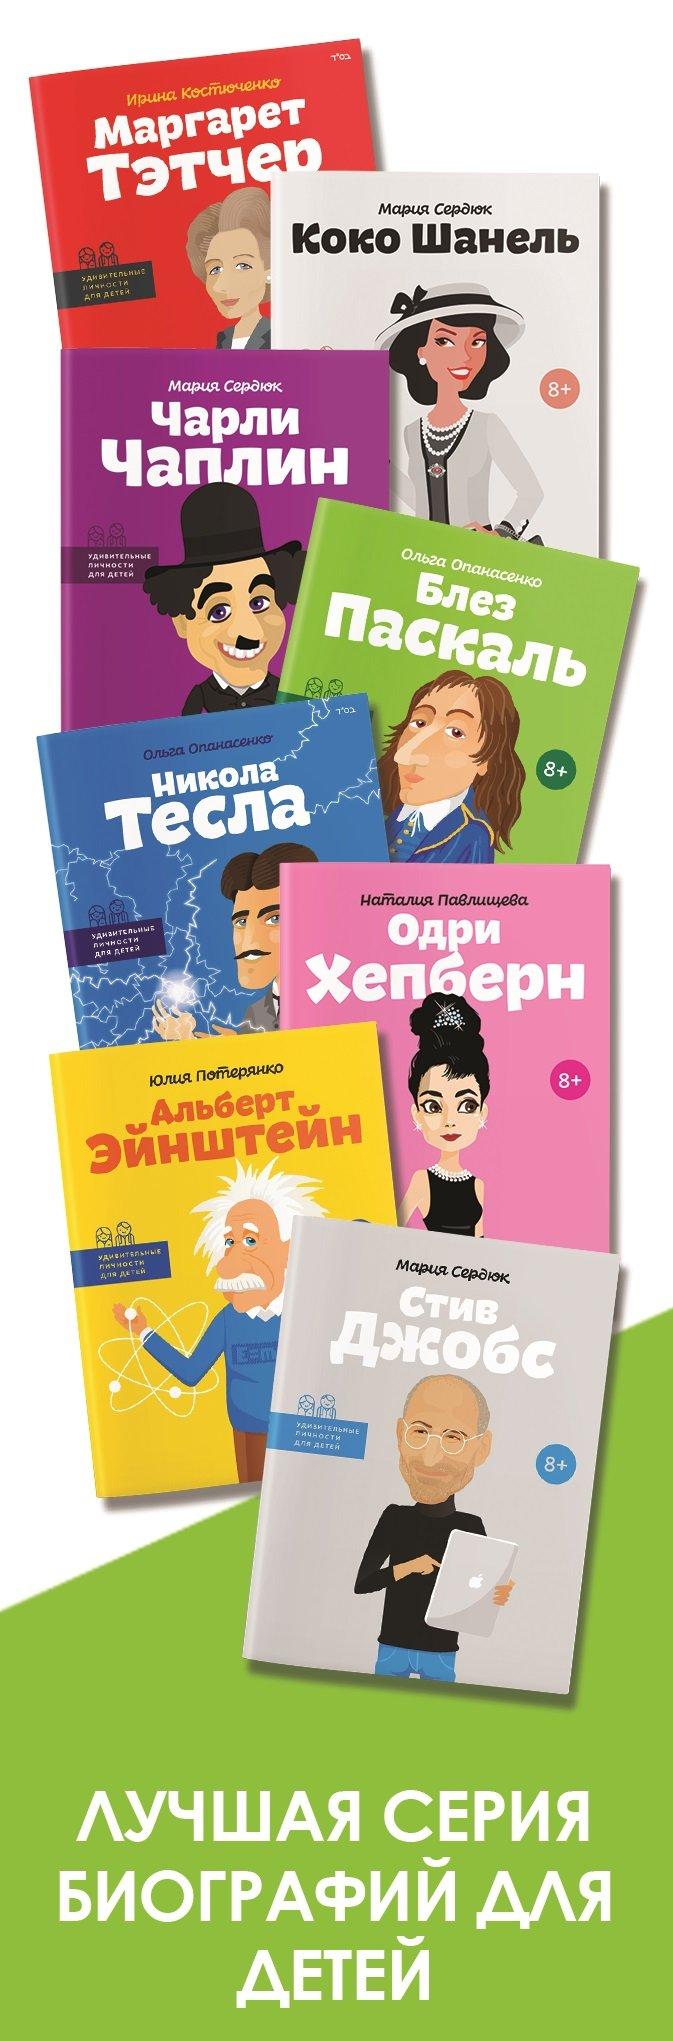 Биографии для детей